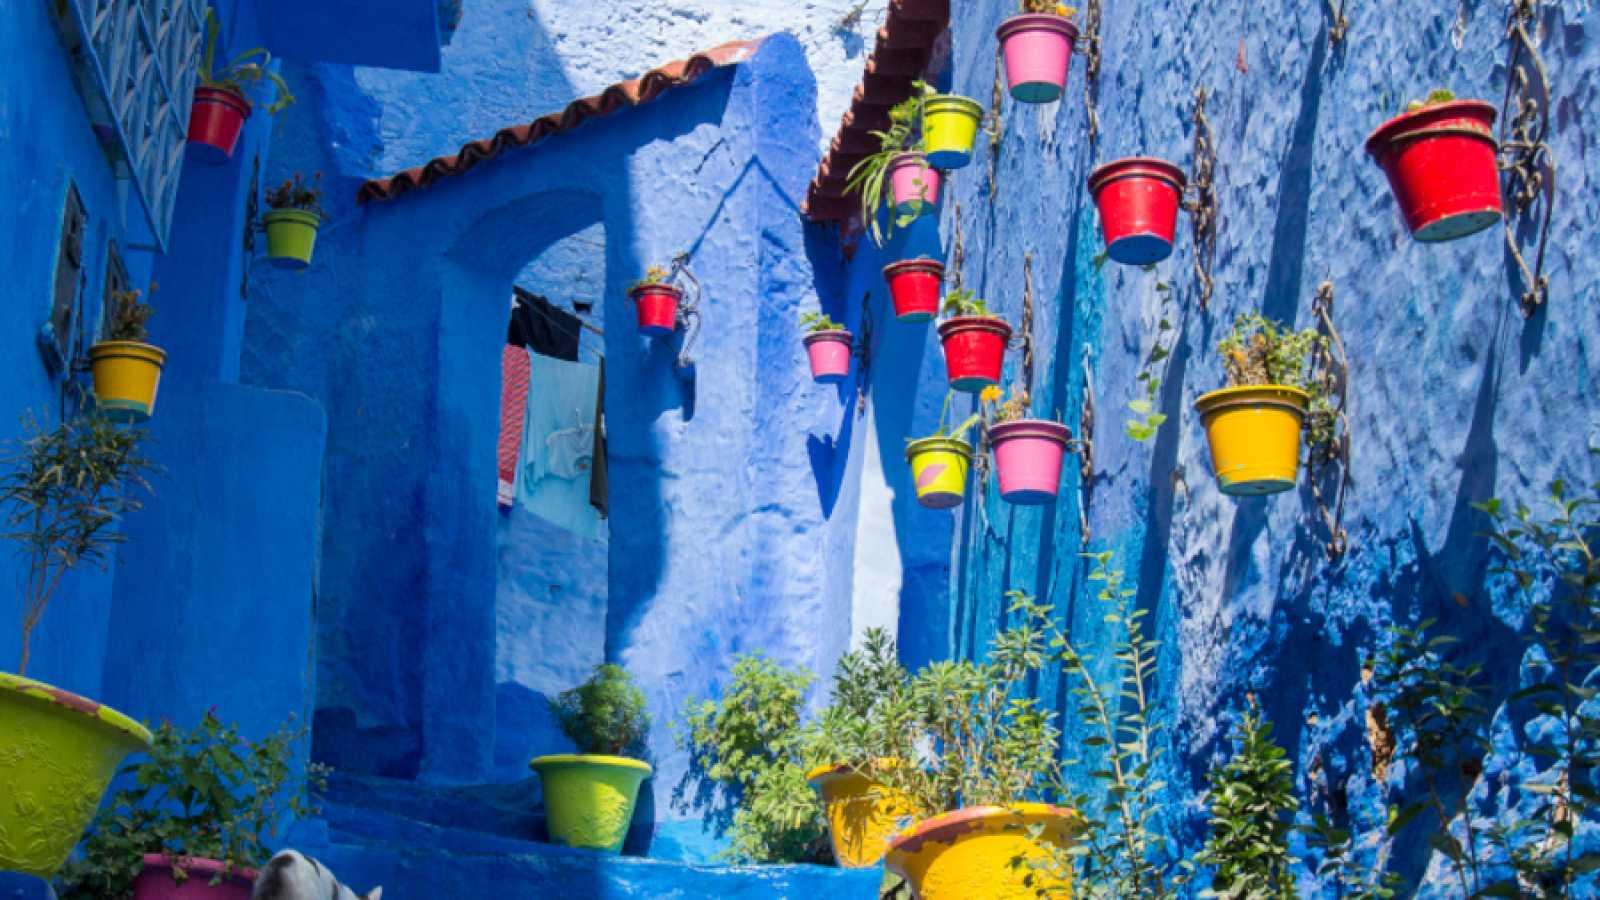 Punto de enlace - 'La perla azul', en Casa Árabe Córdoba hasta el 14 de mayo - escuchar ahora